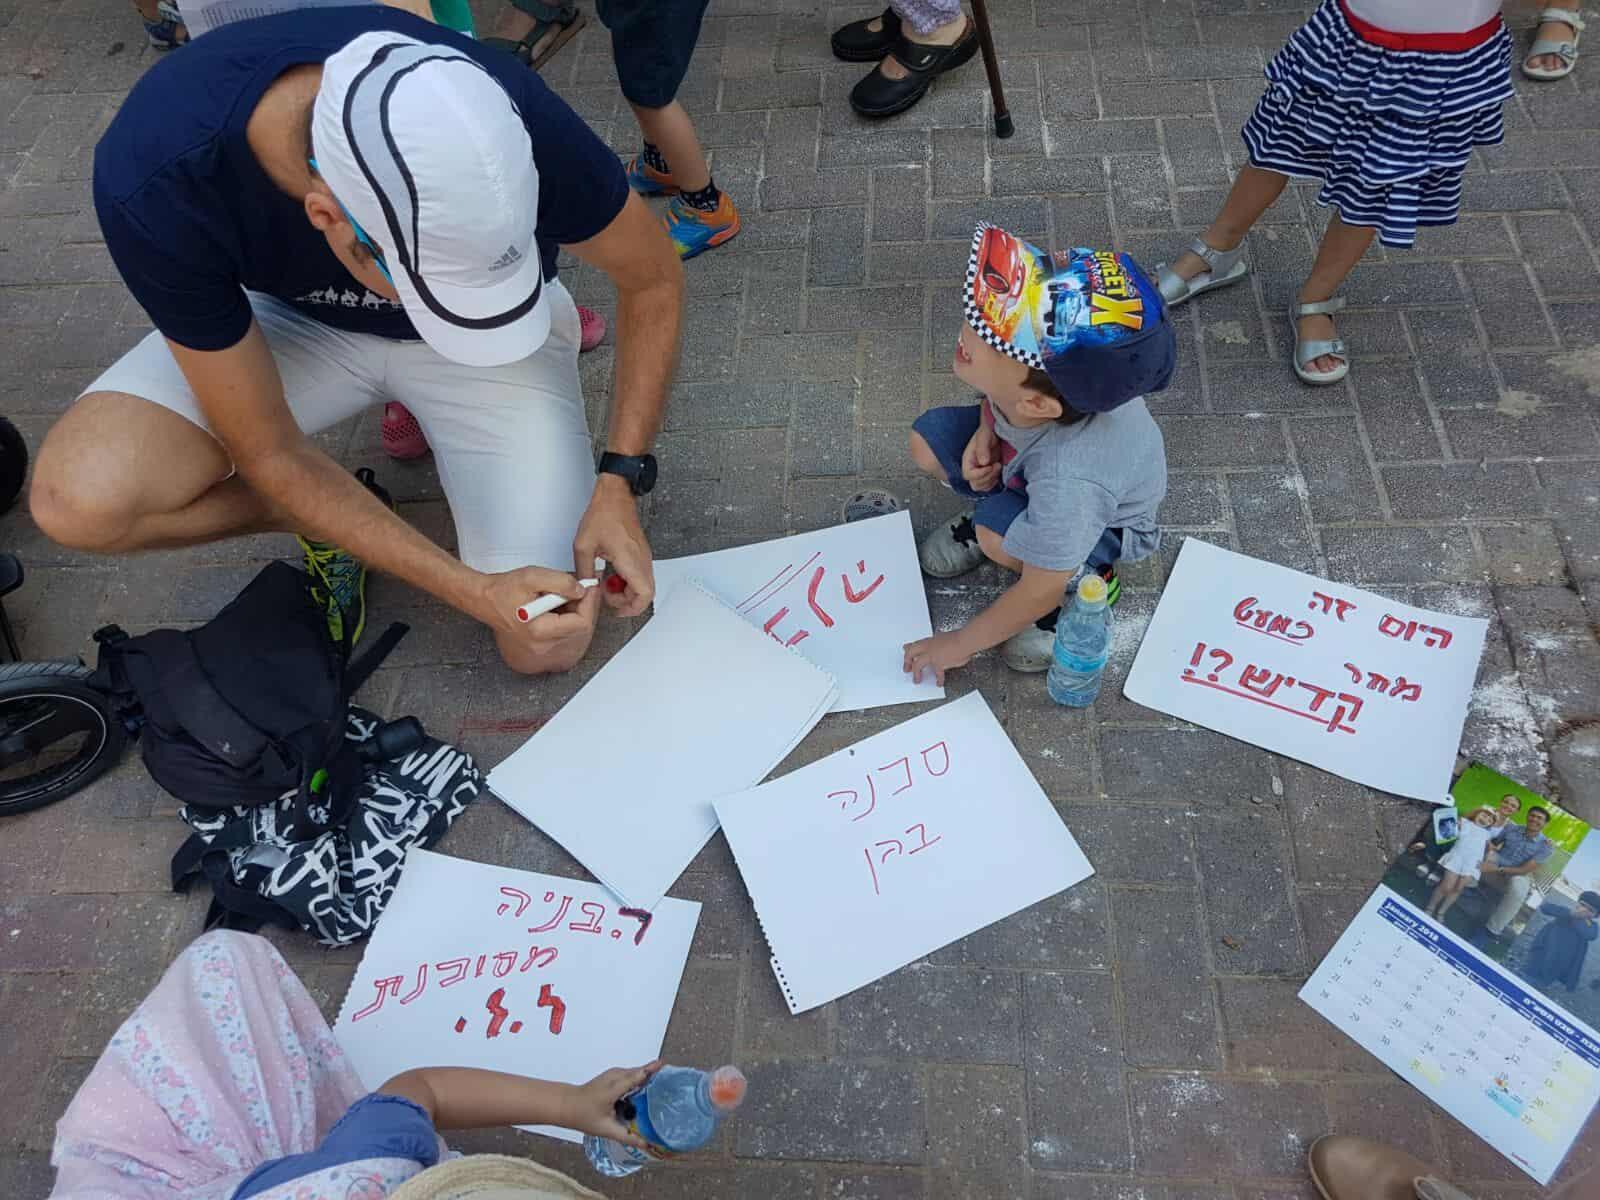 בגן שדמית הכריזו על שביתה, צילום: באדיבות ההורים